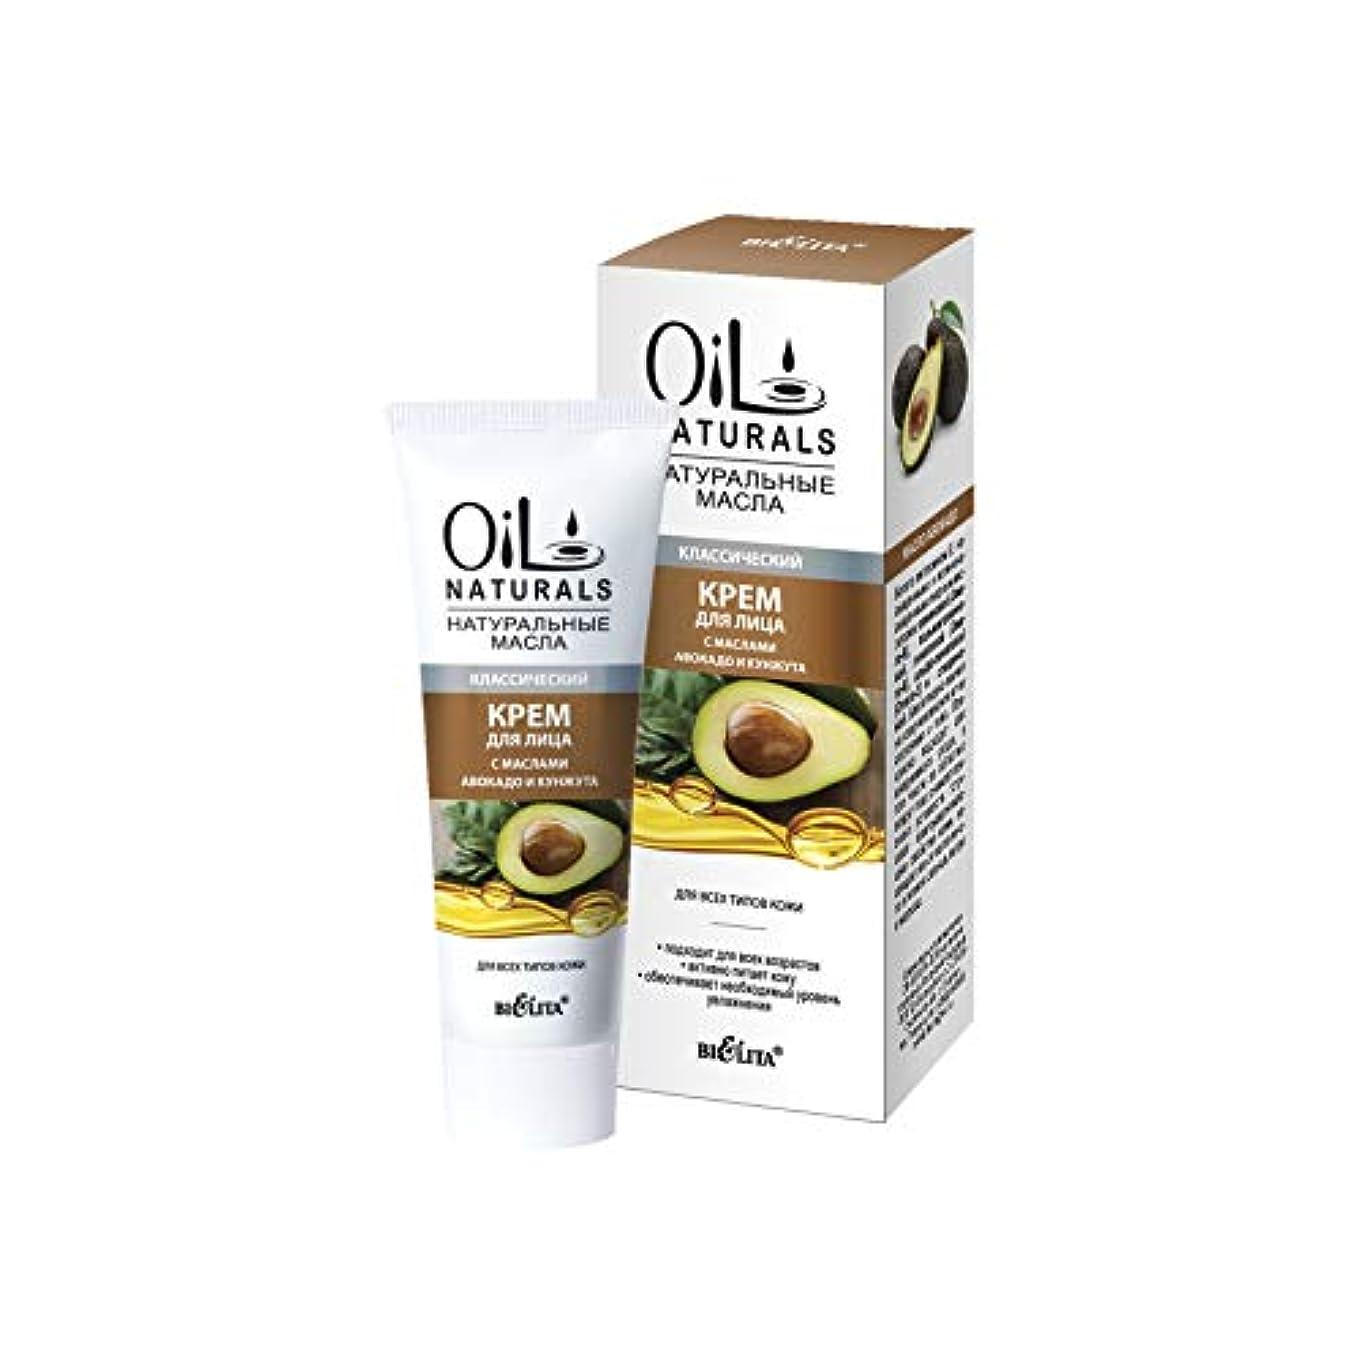 スペル追記容器Bielita & Vitex  Oil Naturals Line   Classic Moisturizing Face Cream, for All Skin Types, 50 ml   Avocado Oil,...